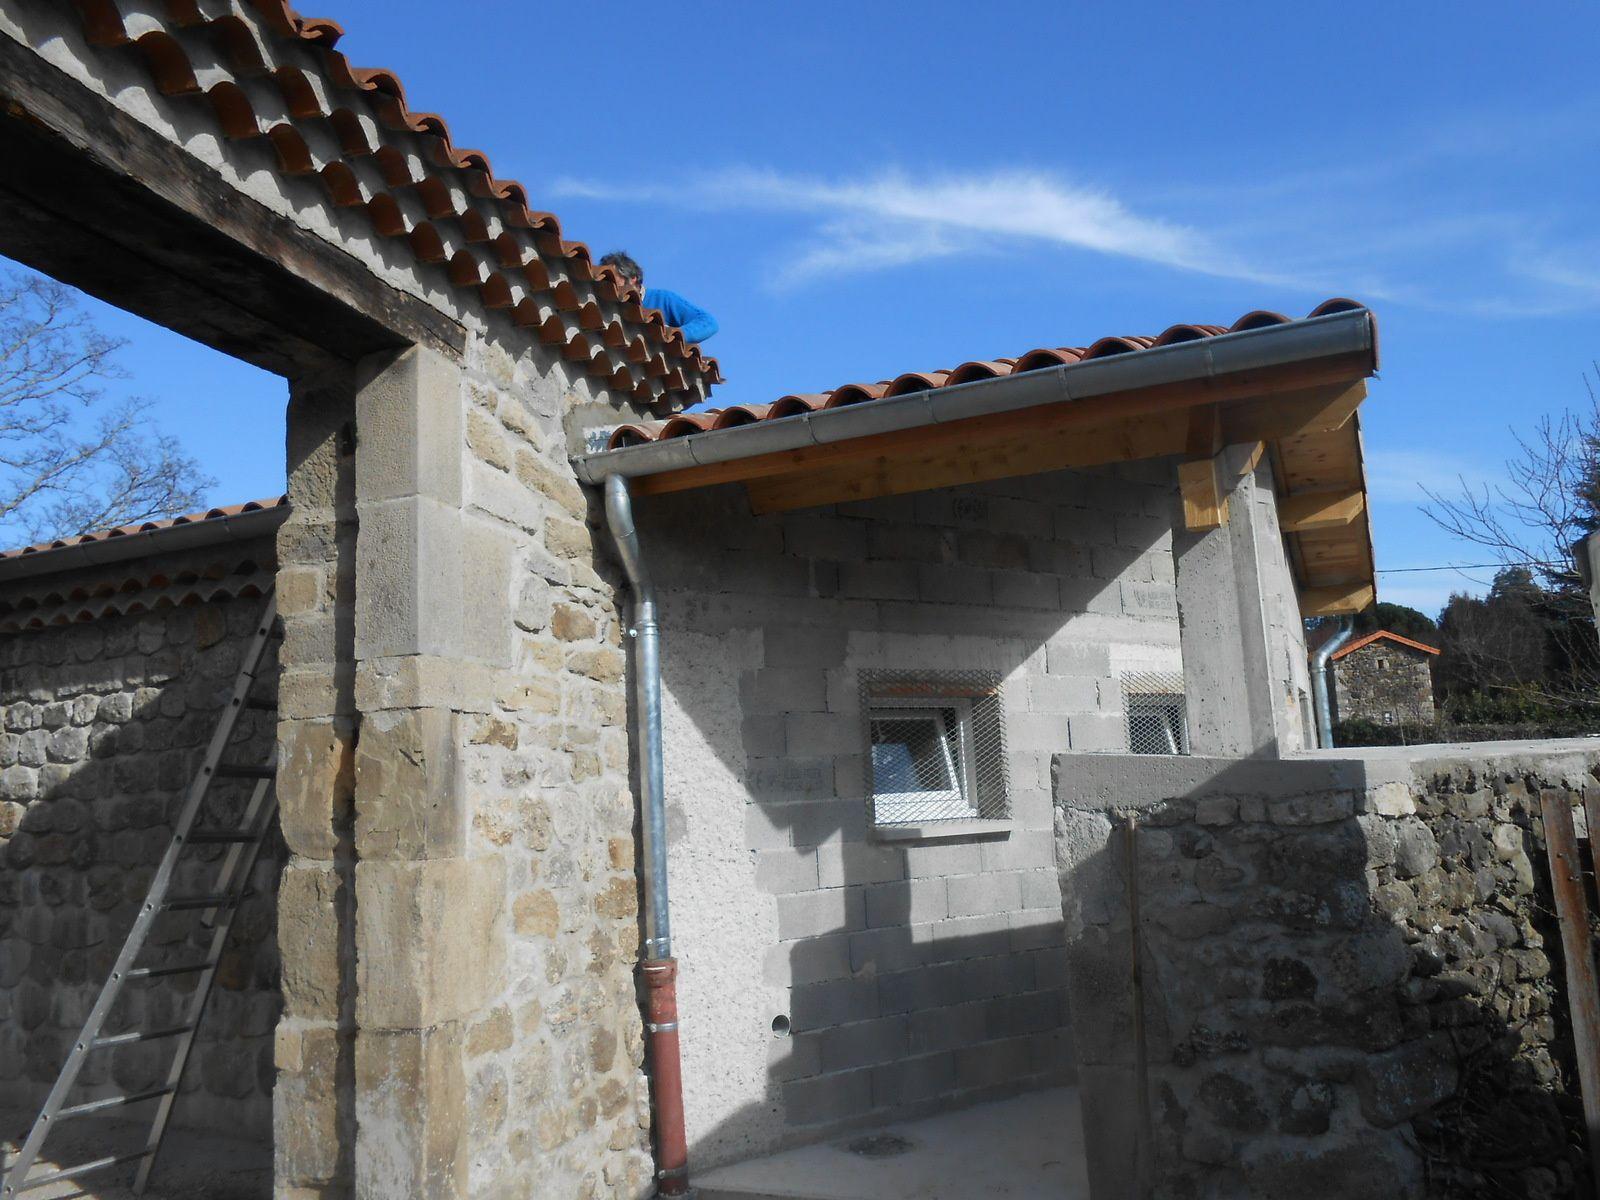 Les autres façades du bâtiment